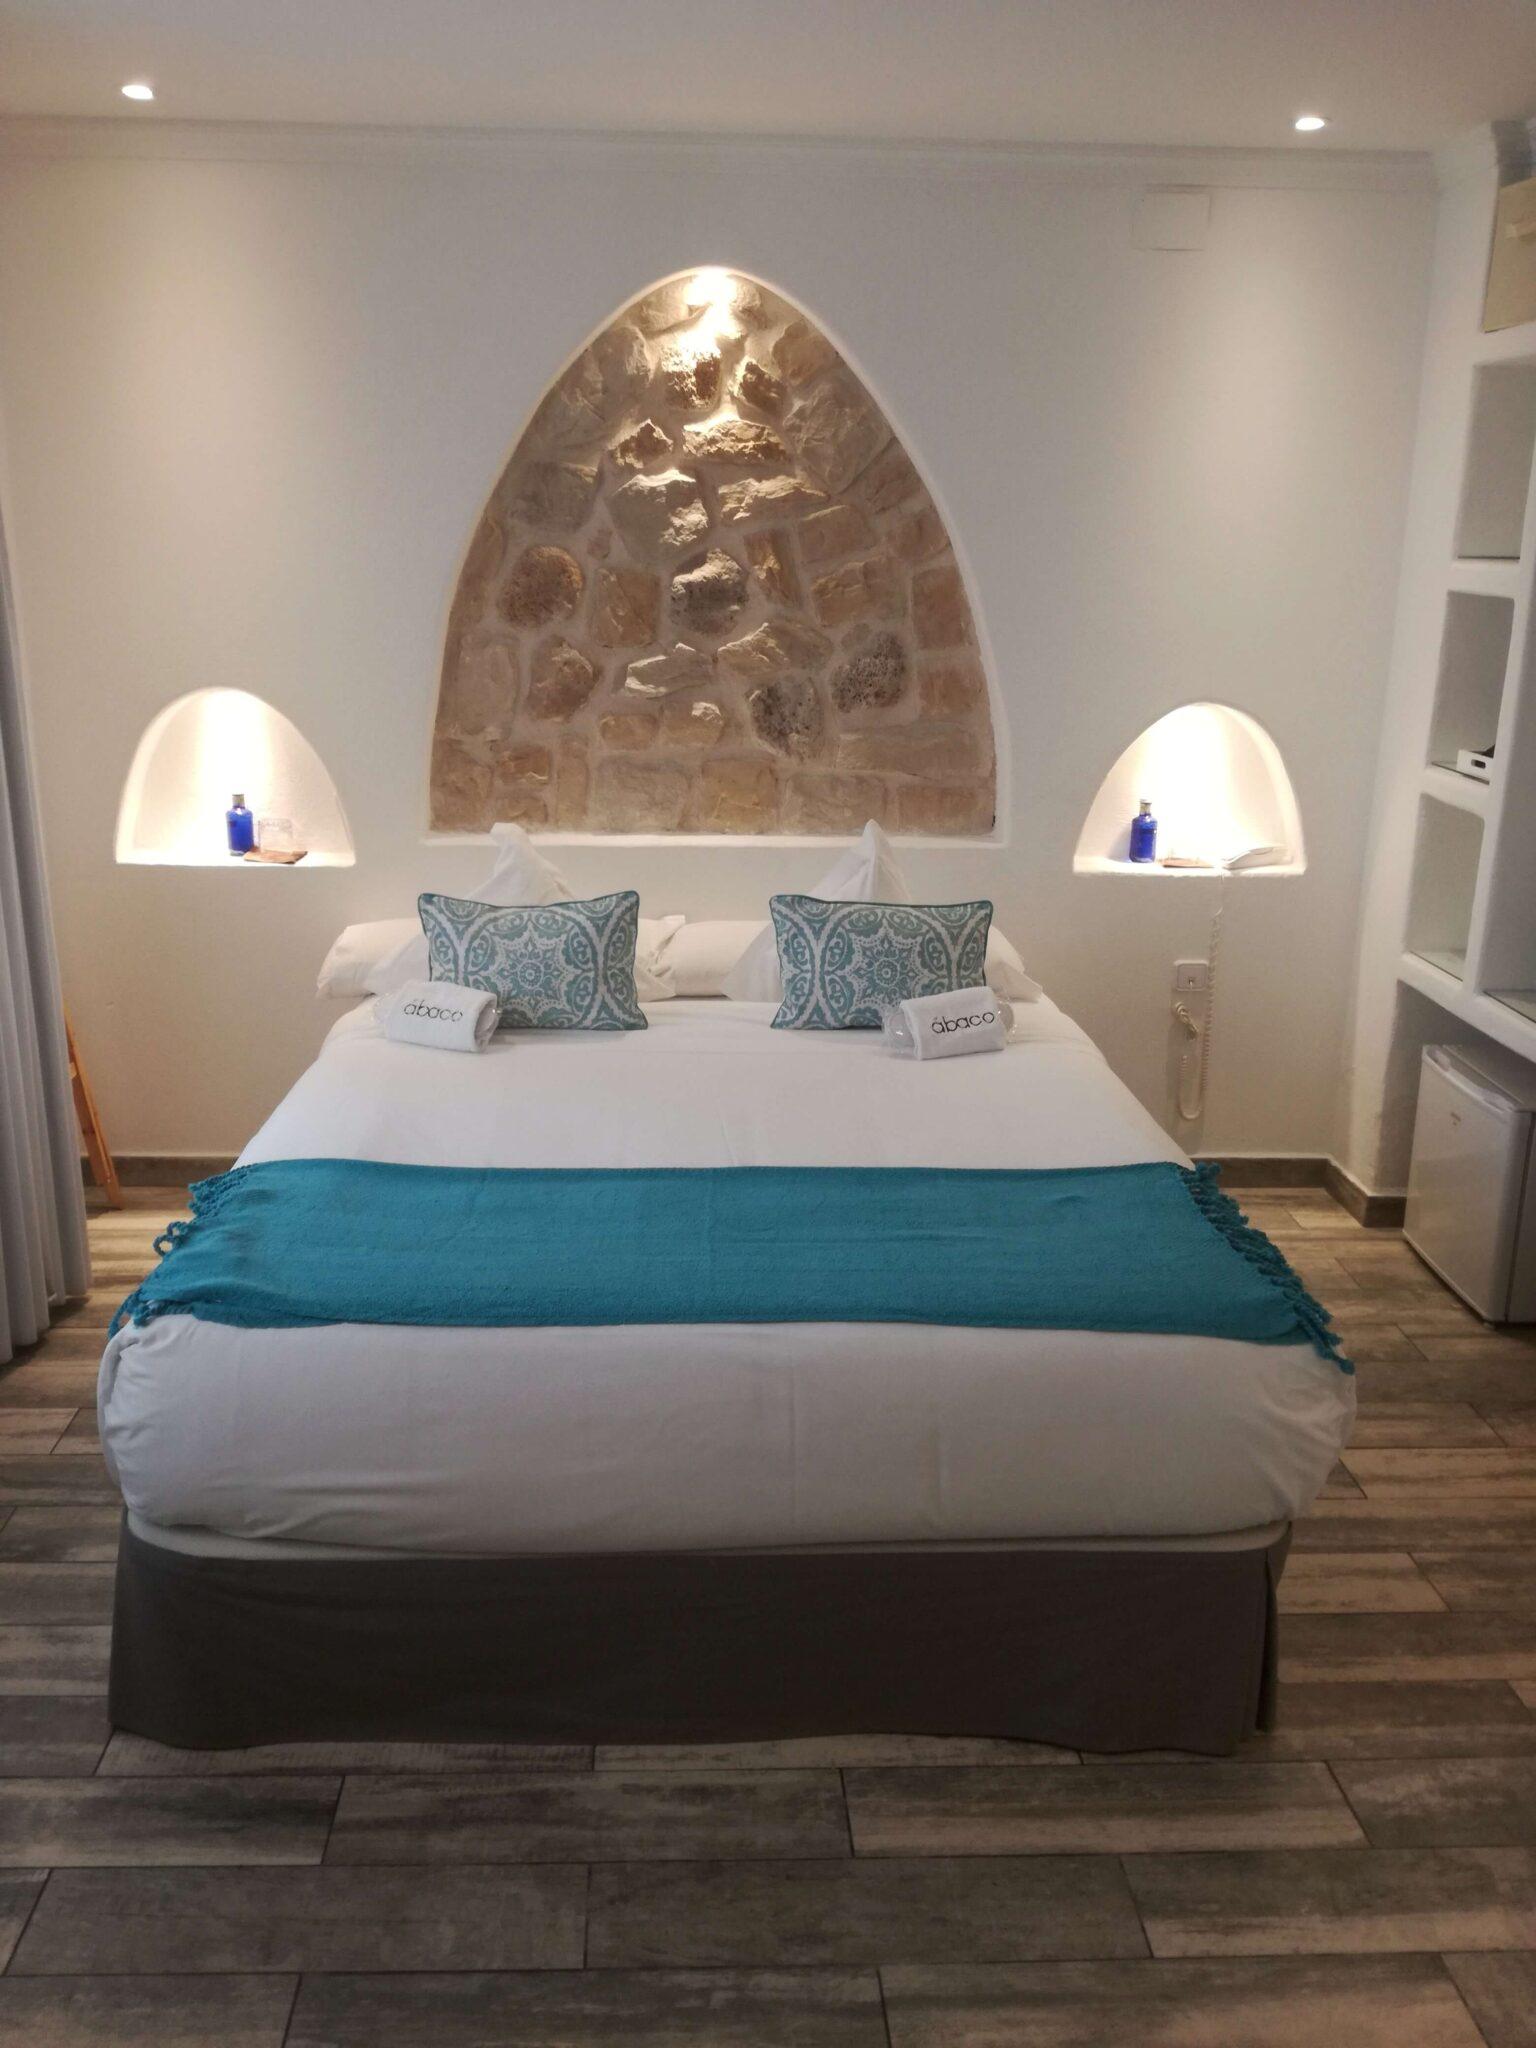 HOTEL ÁBACO EN ALTEA: UNA JOYA EN EL MEDITERRÁNEO